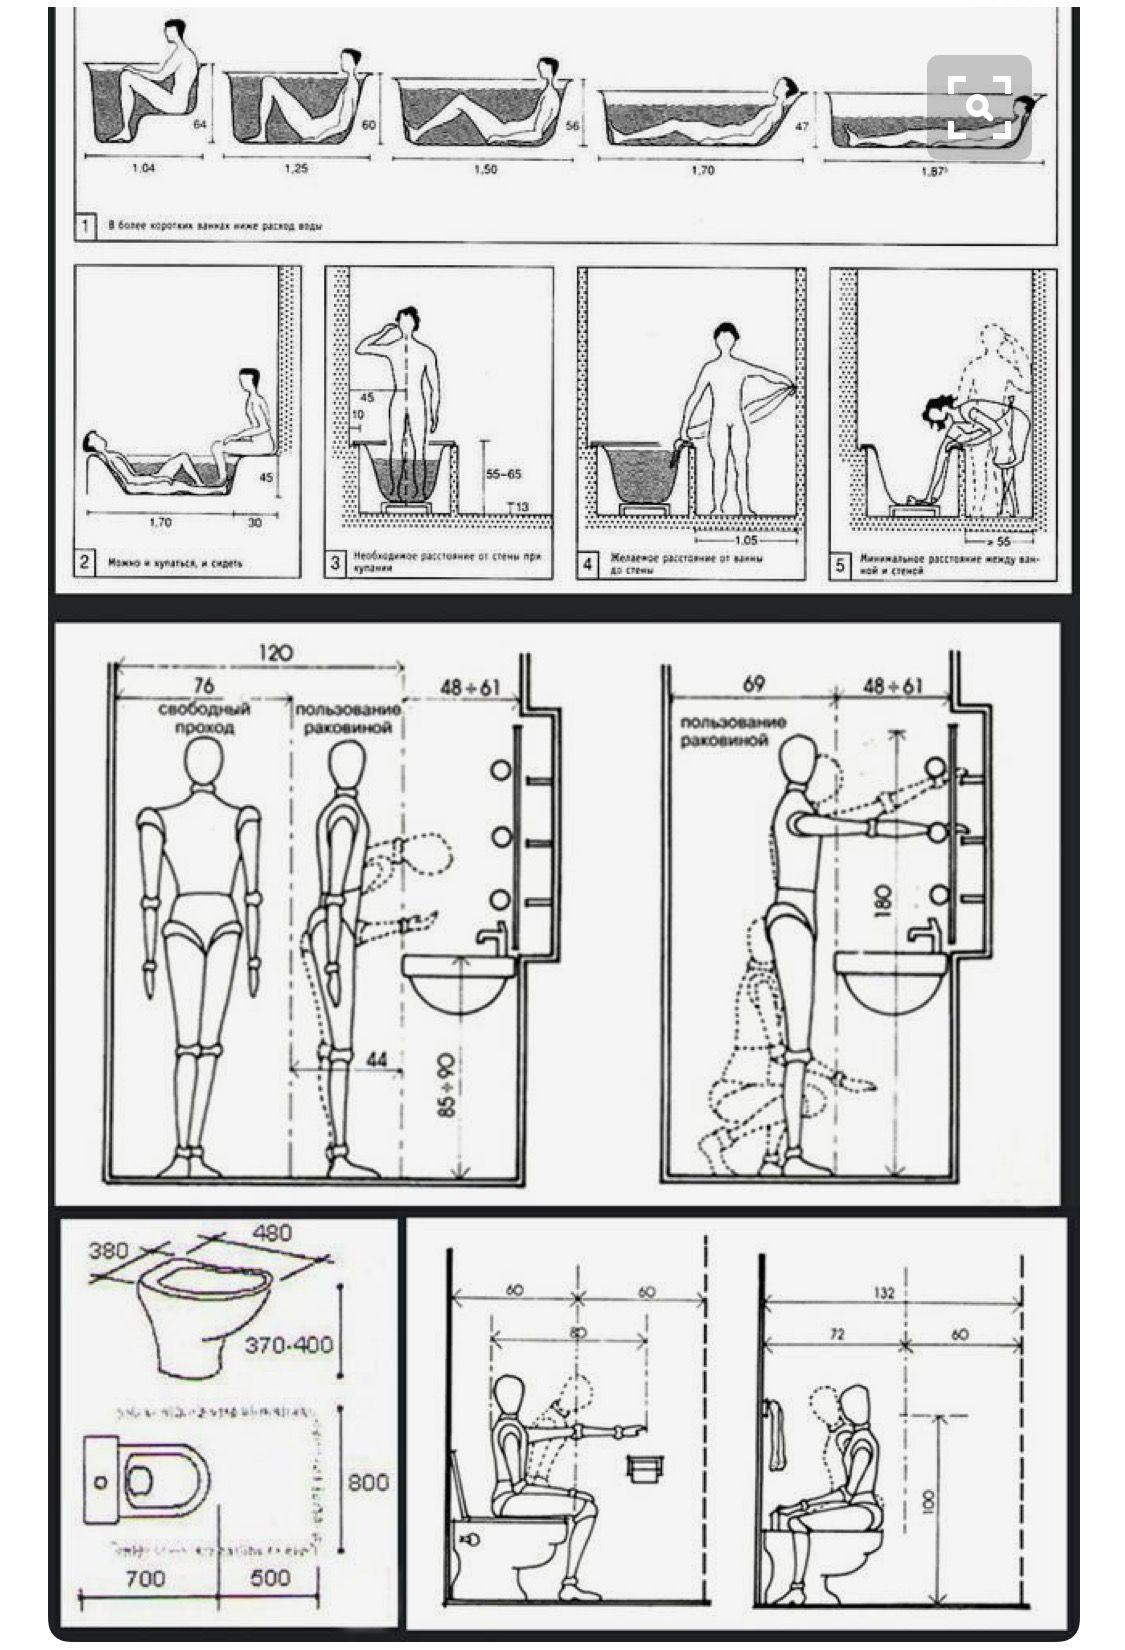 Pin De Lucrodesign Em Scheme Medidas Banheiro Projeto De Banheiro Disposicao Do Banheiro